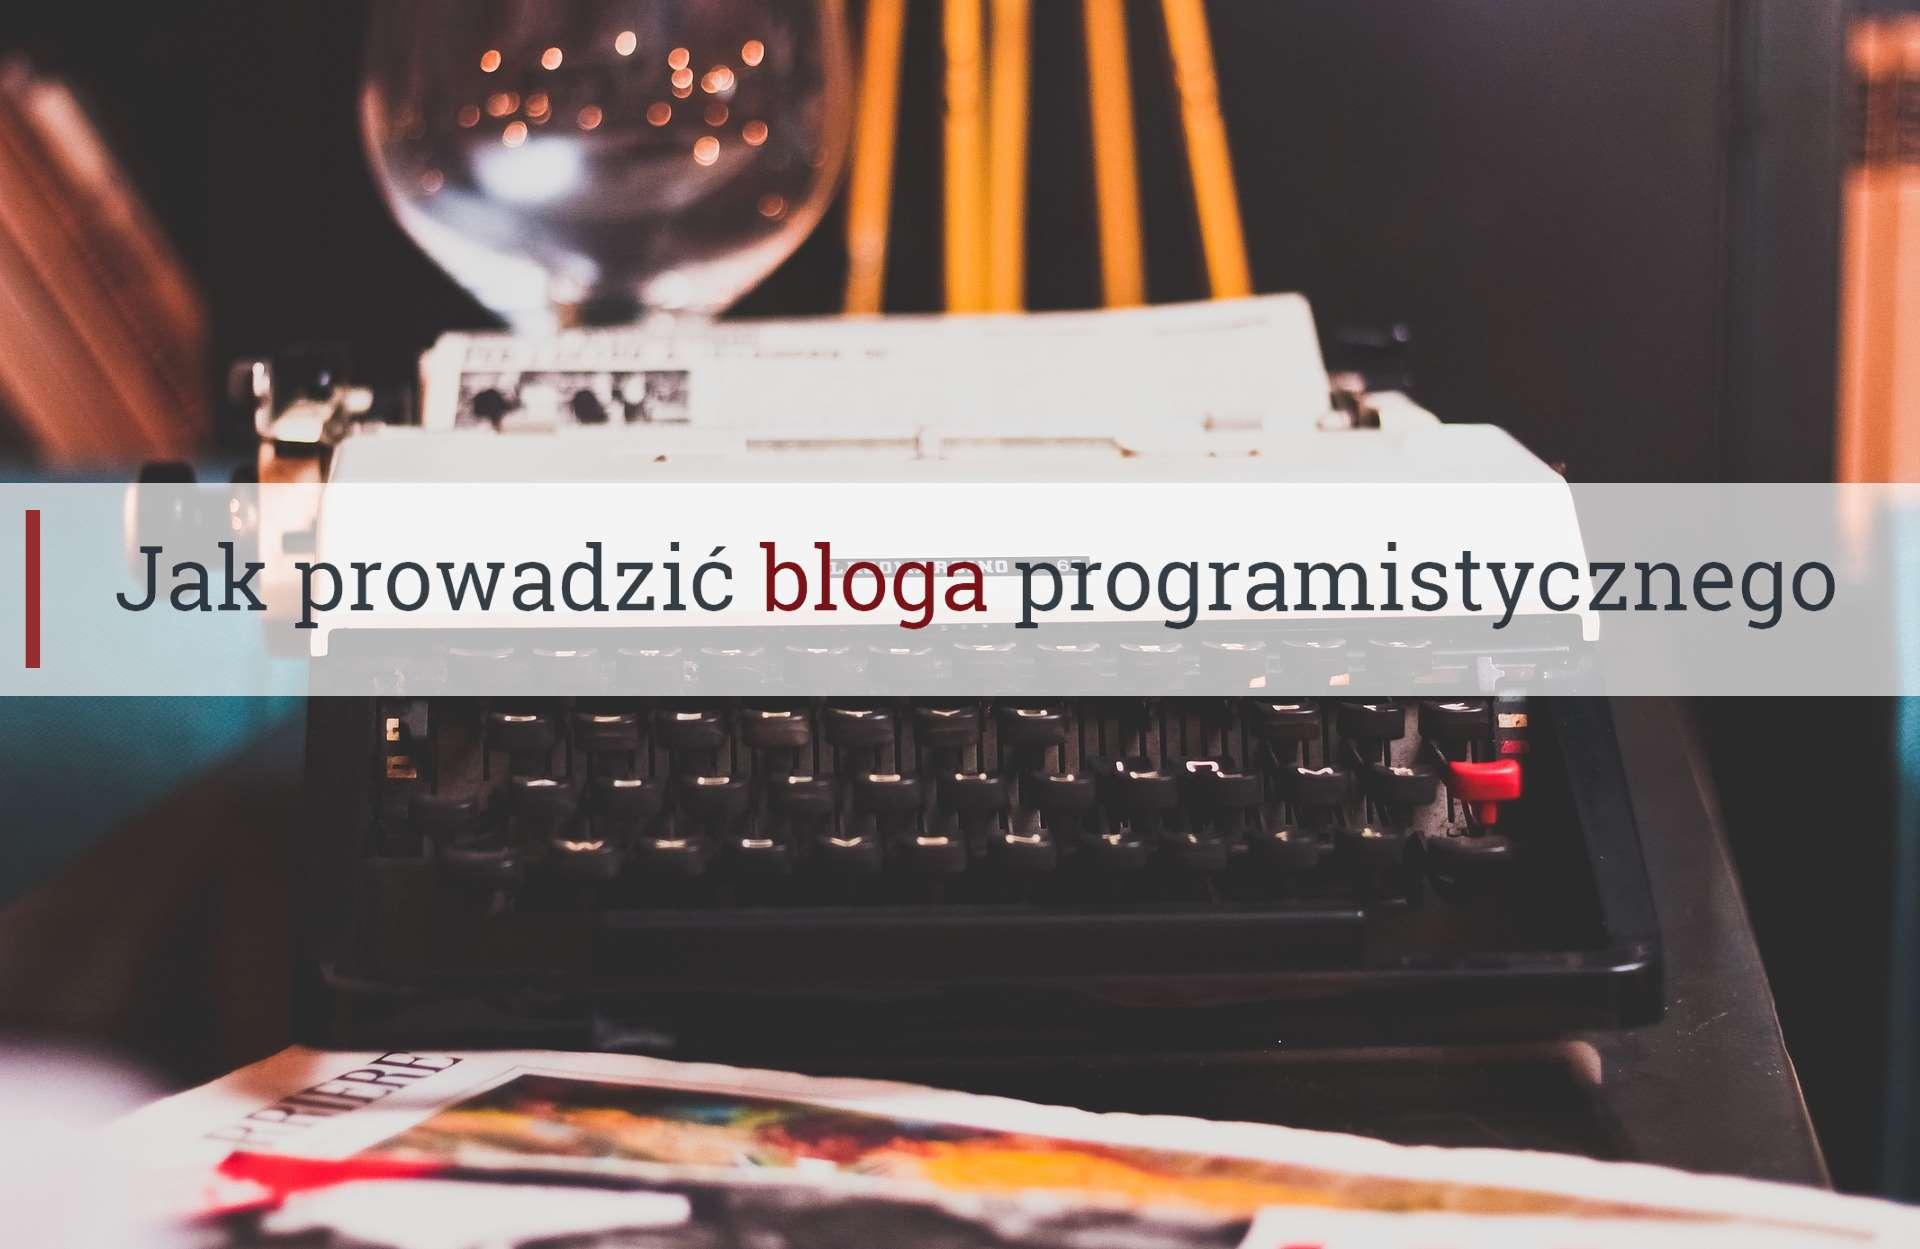 Nowe zasady blogowania